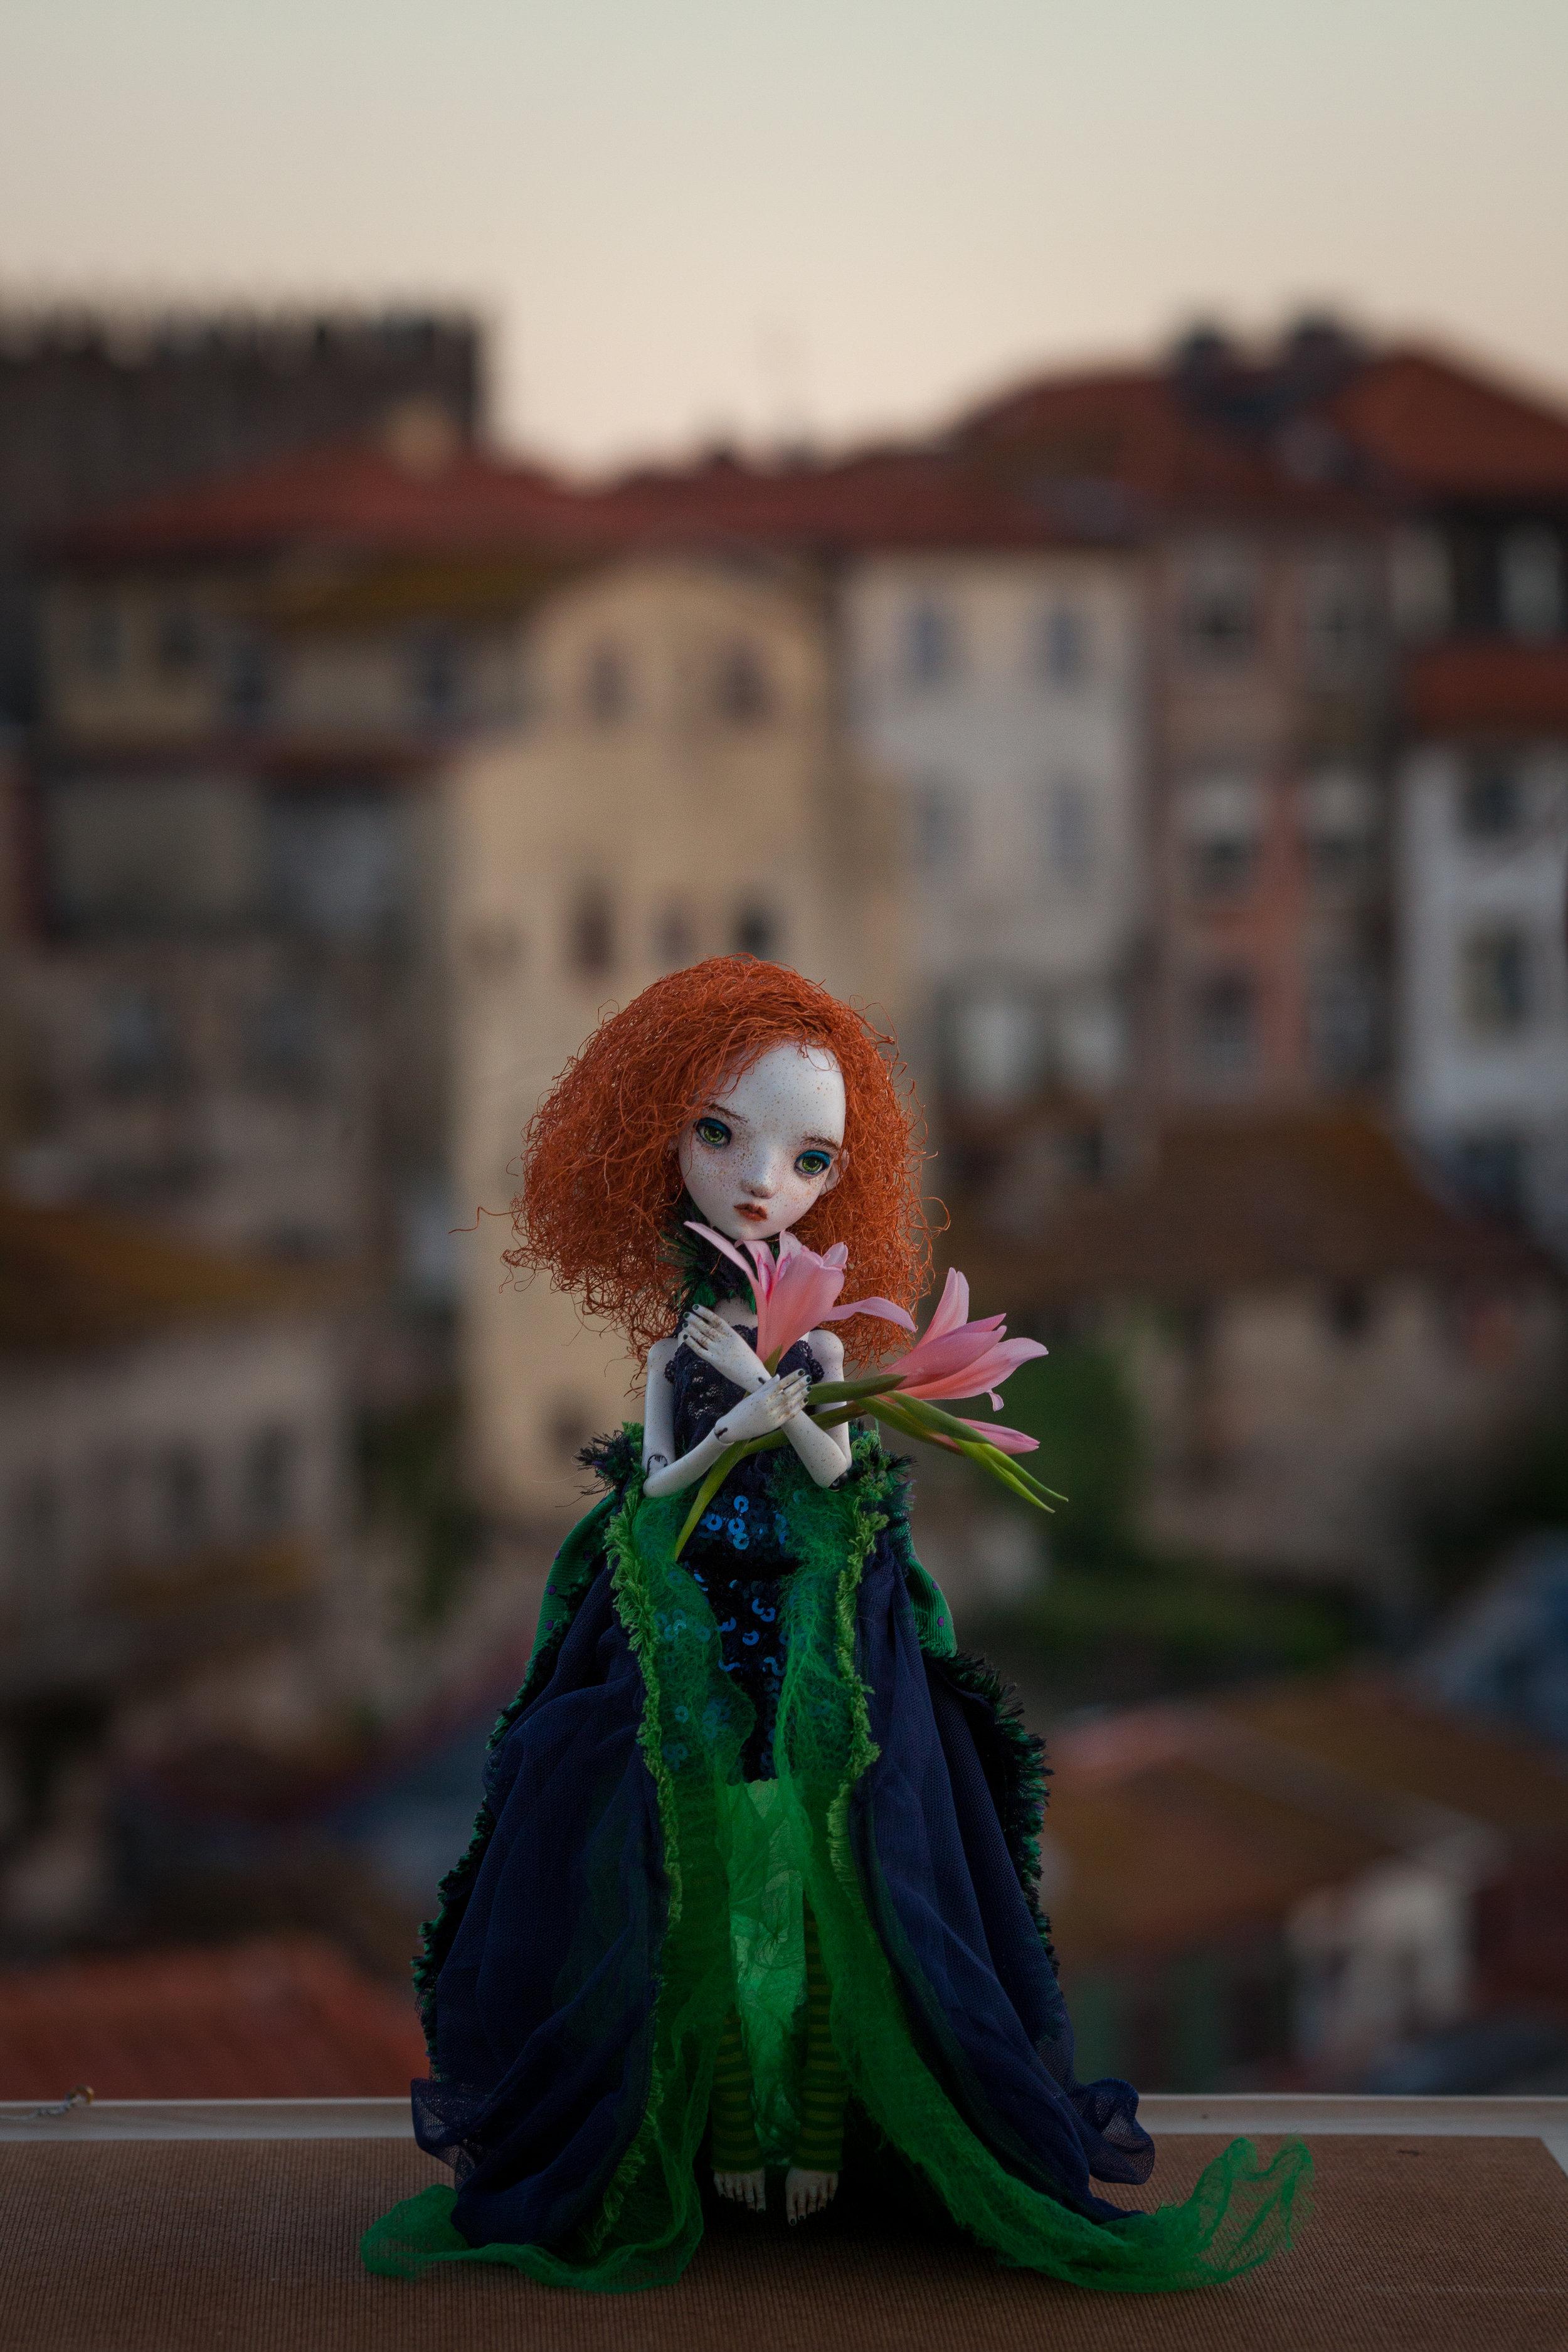 photo by Anka Zhuravleva